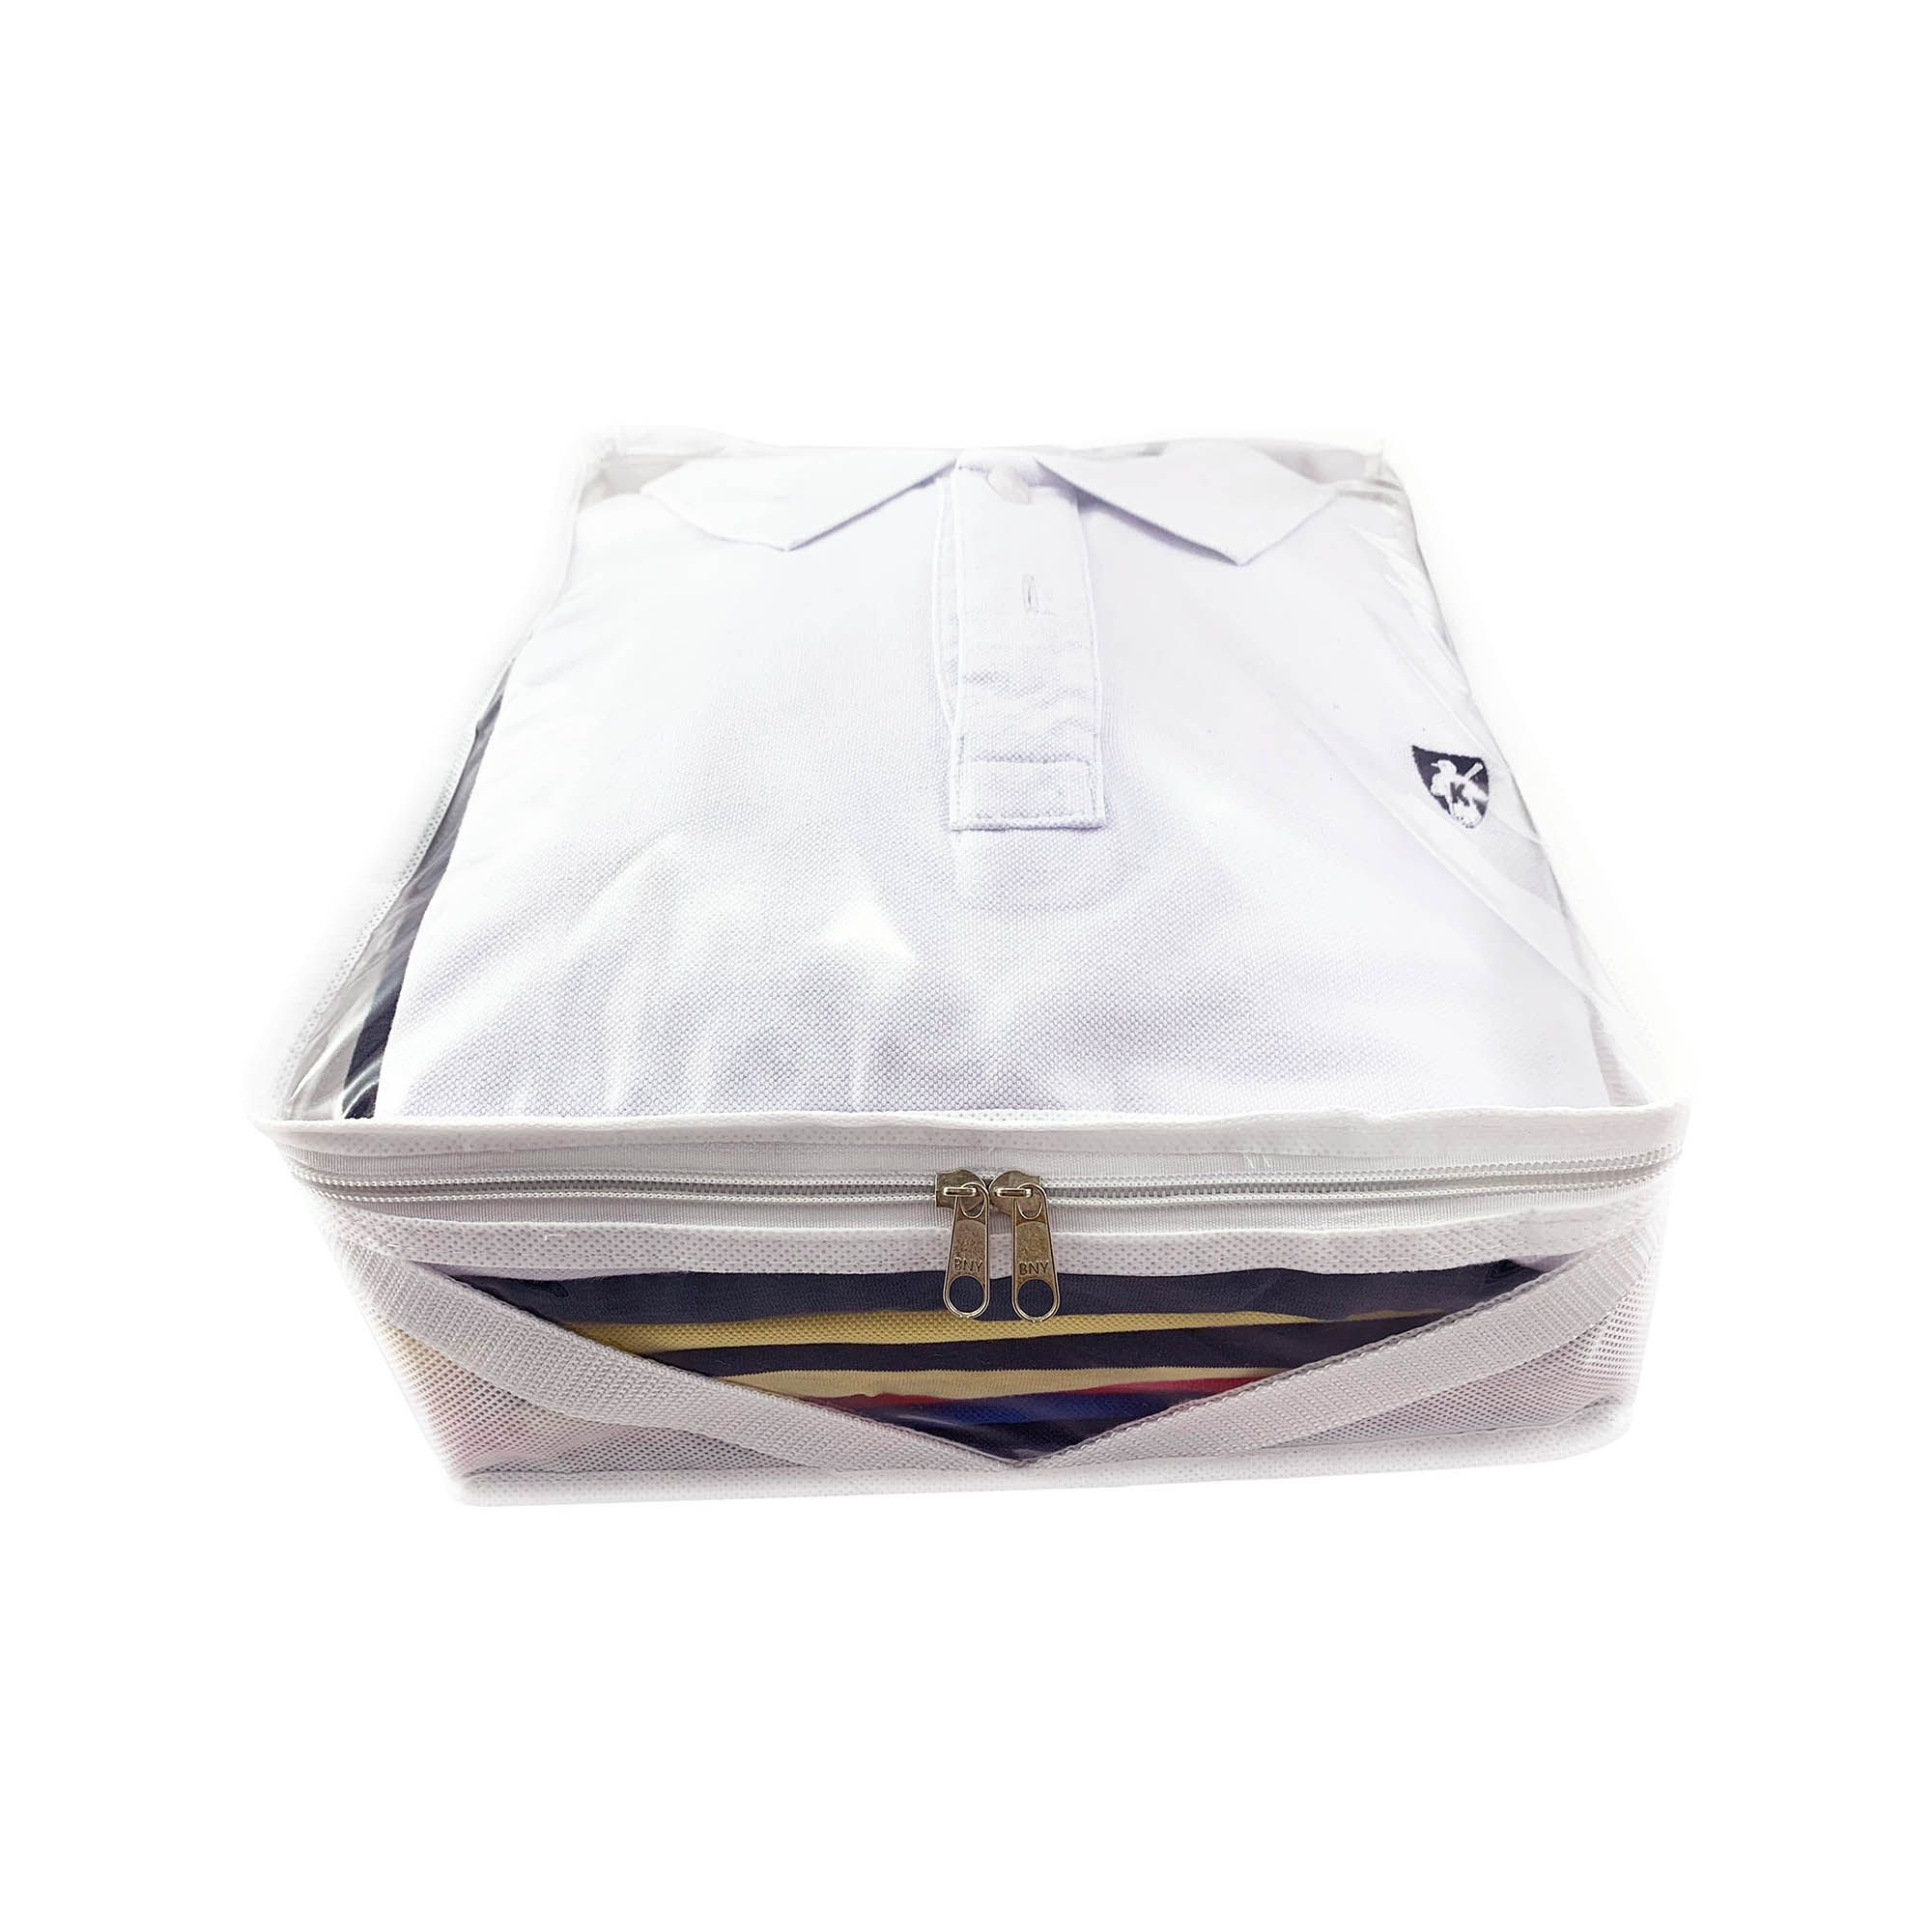 Pack Organizador - TAM 1